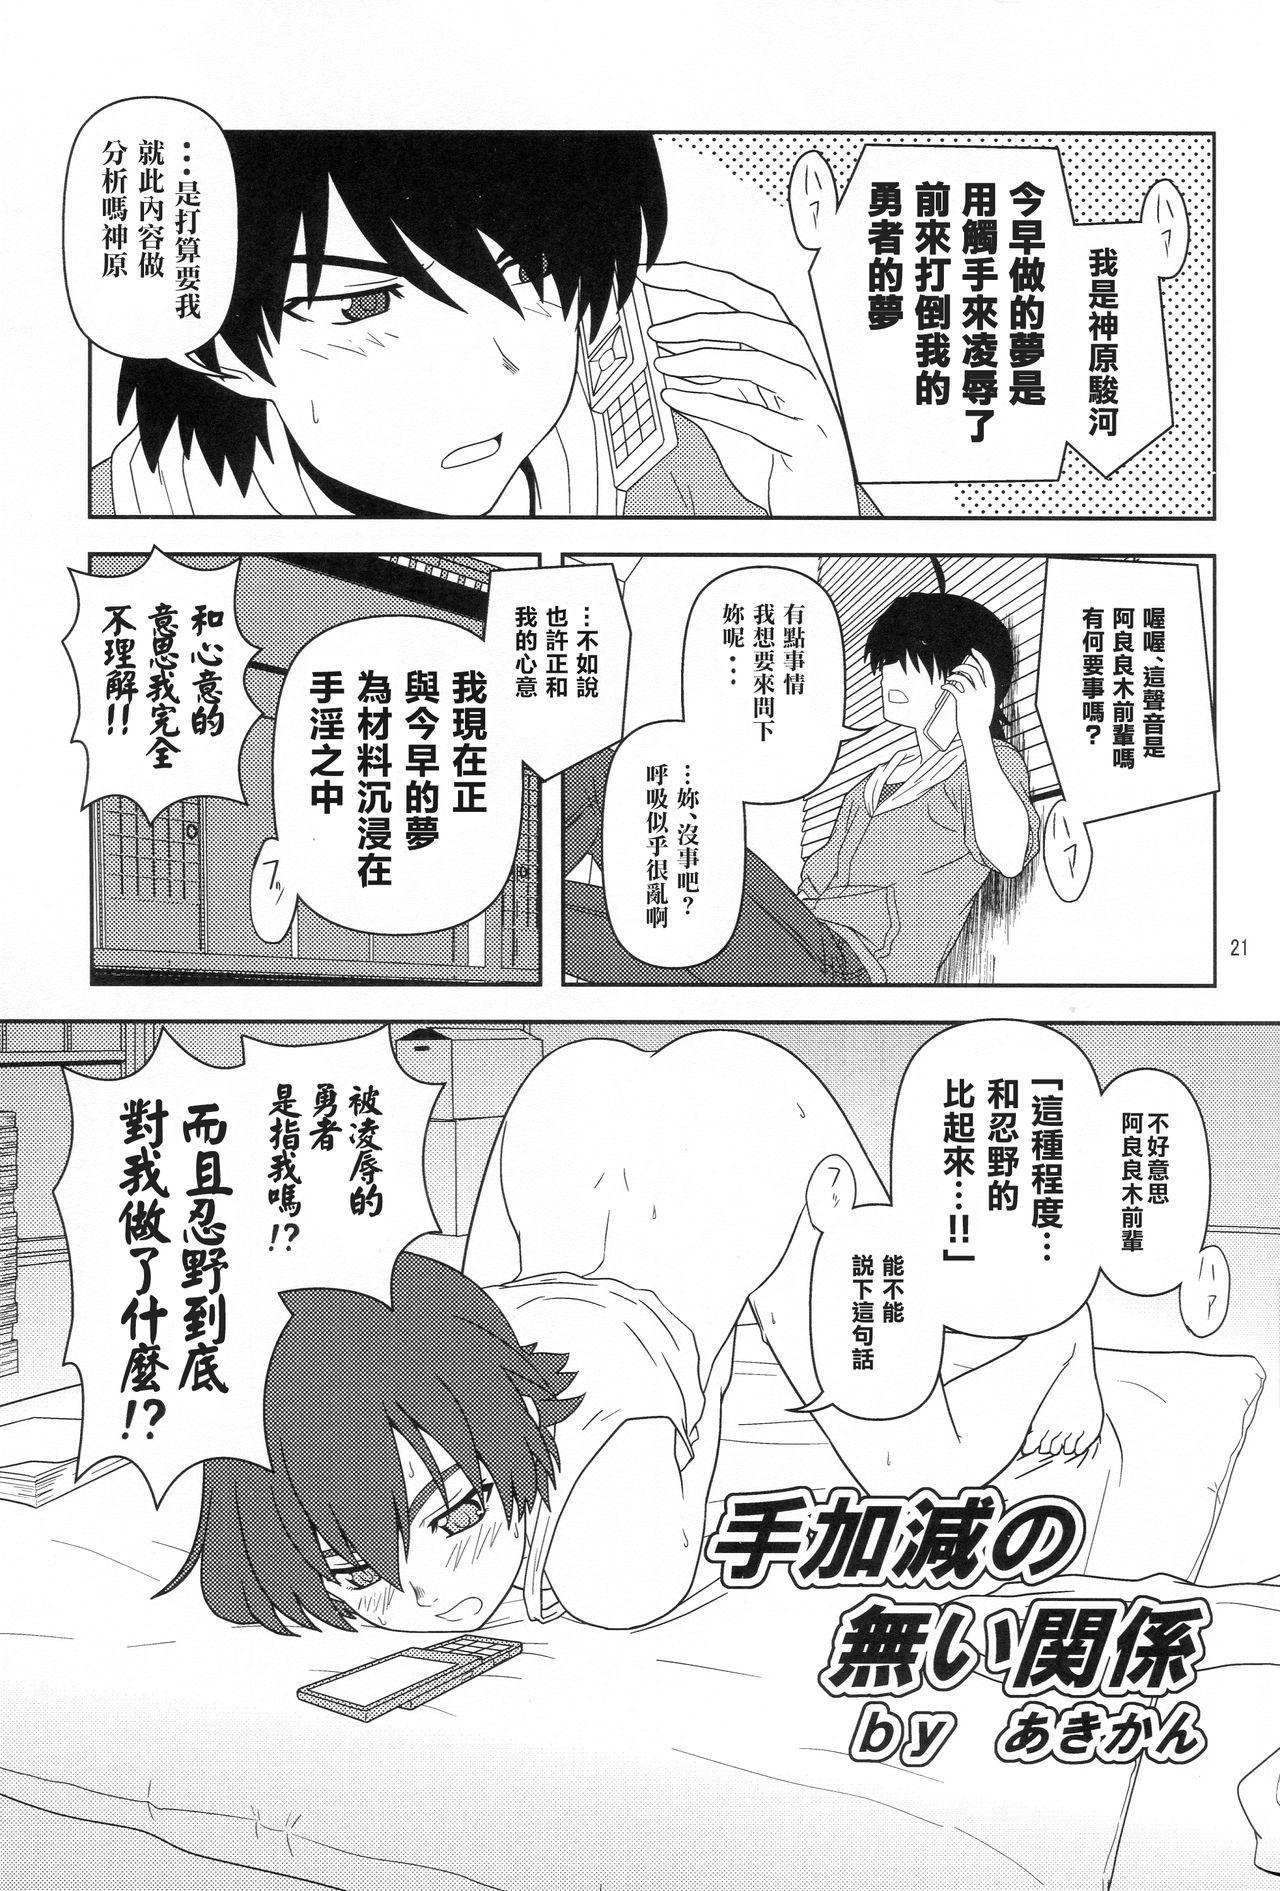 Nii-chan wa Sonna Koto Dakara 20